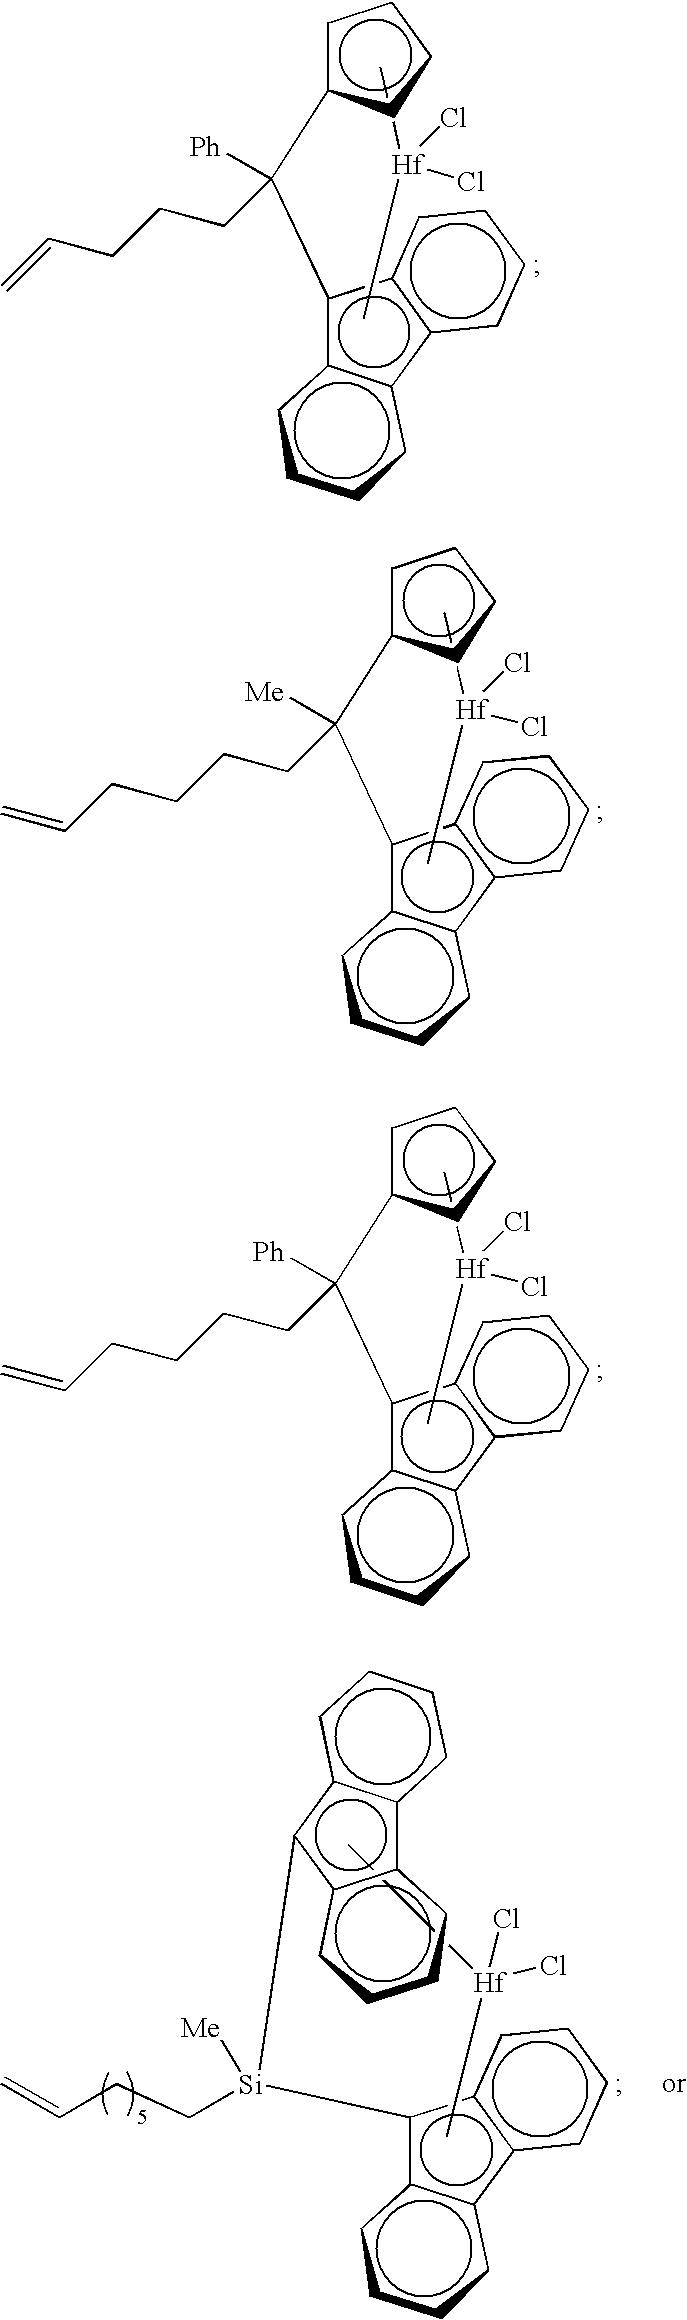 Figure US20100227989A1-20100909-C00011